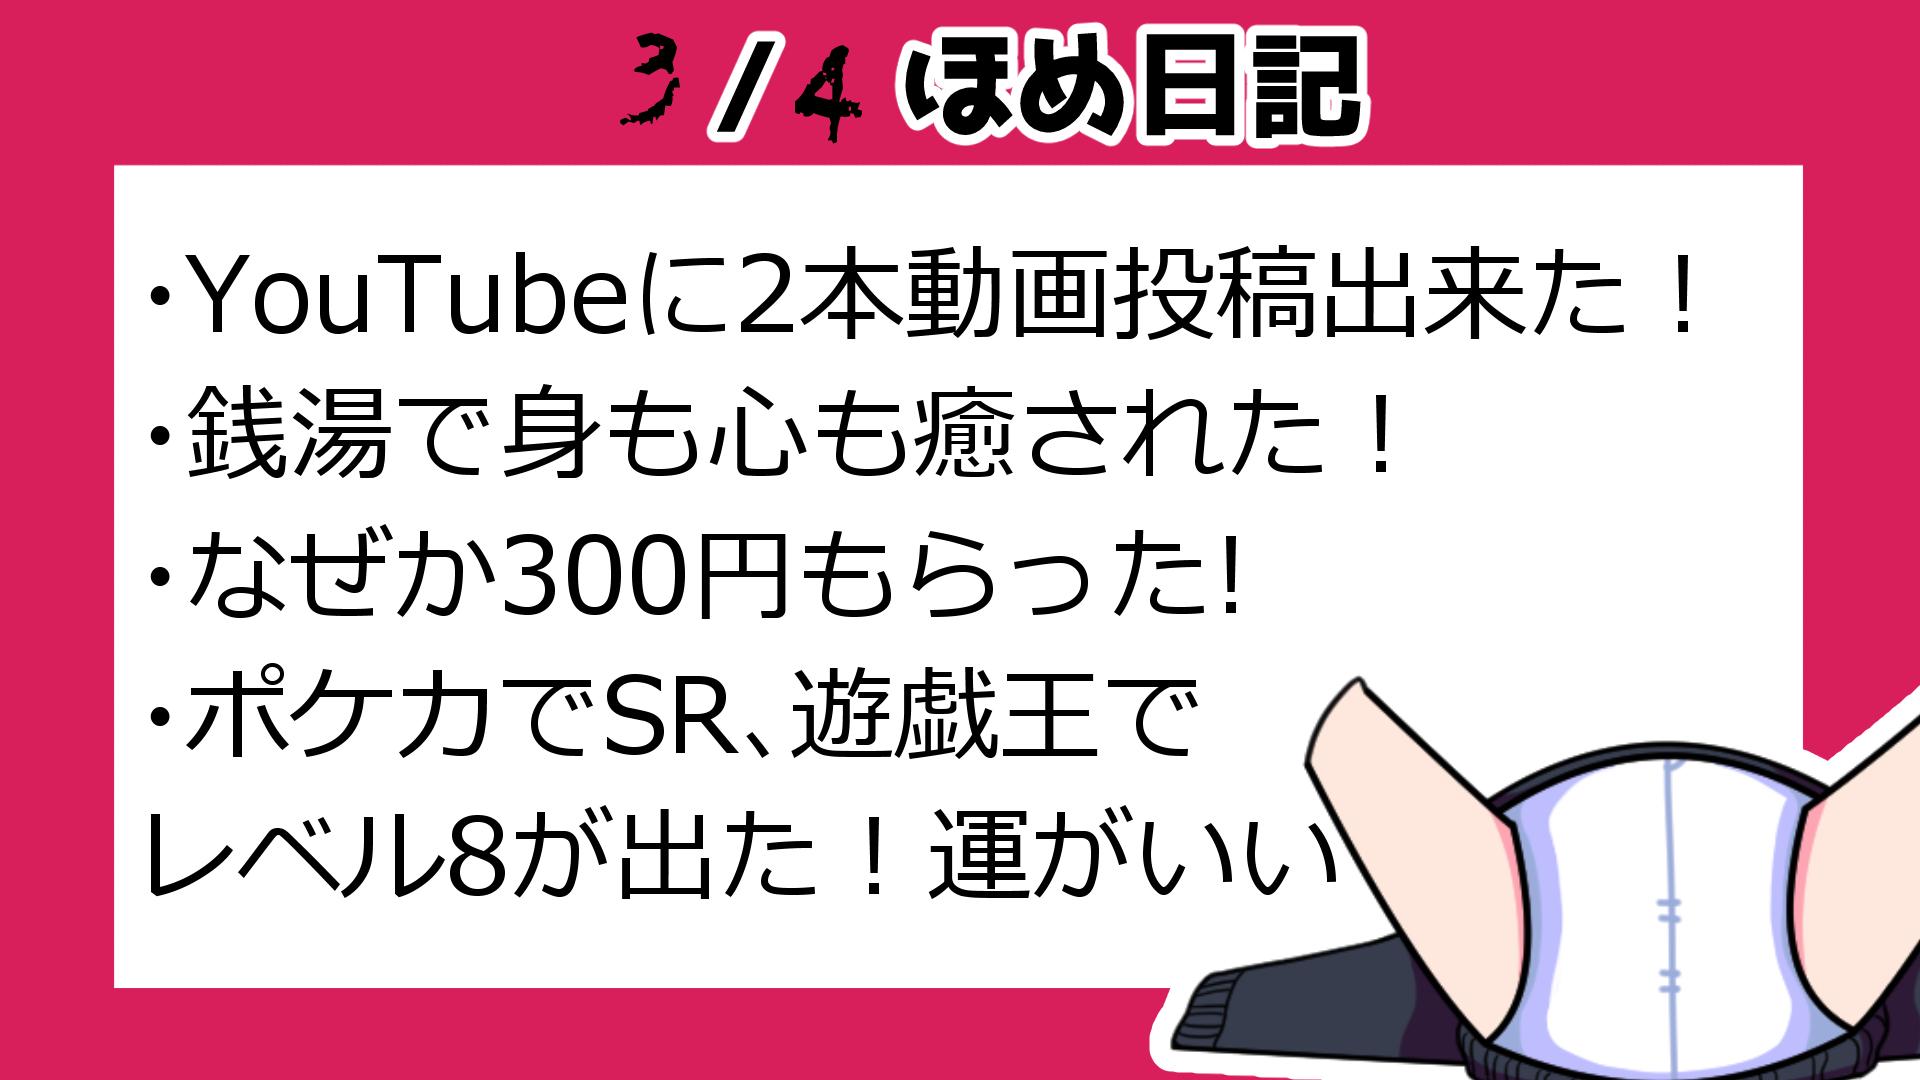 3月4日ほめ日記.png